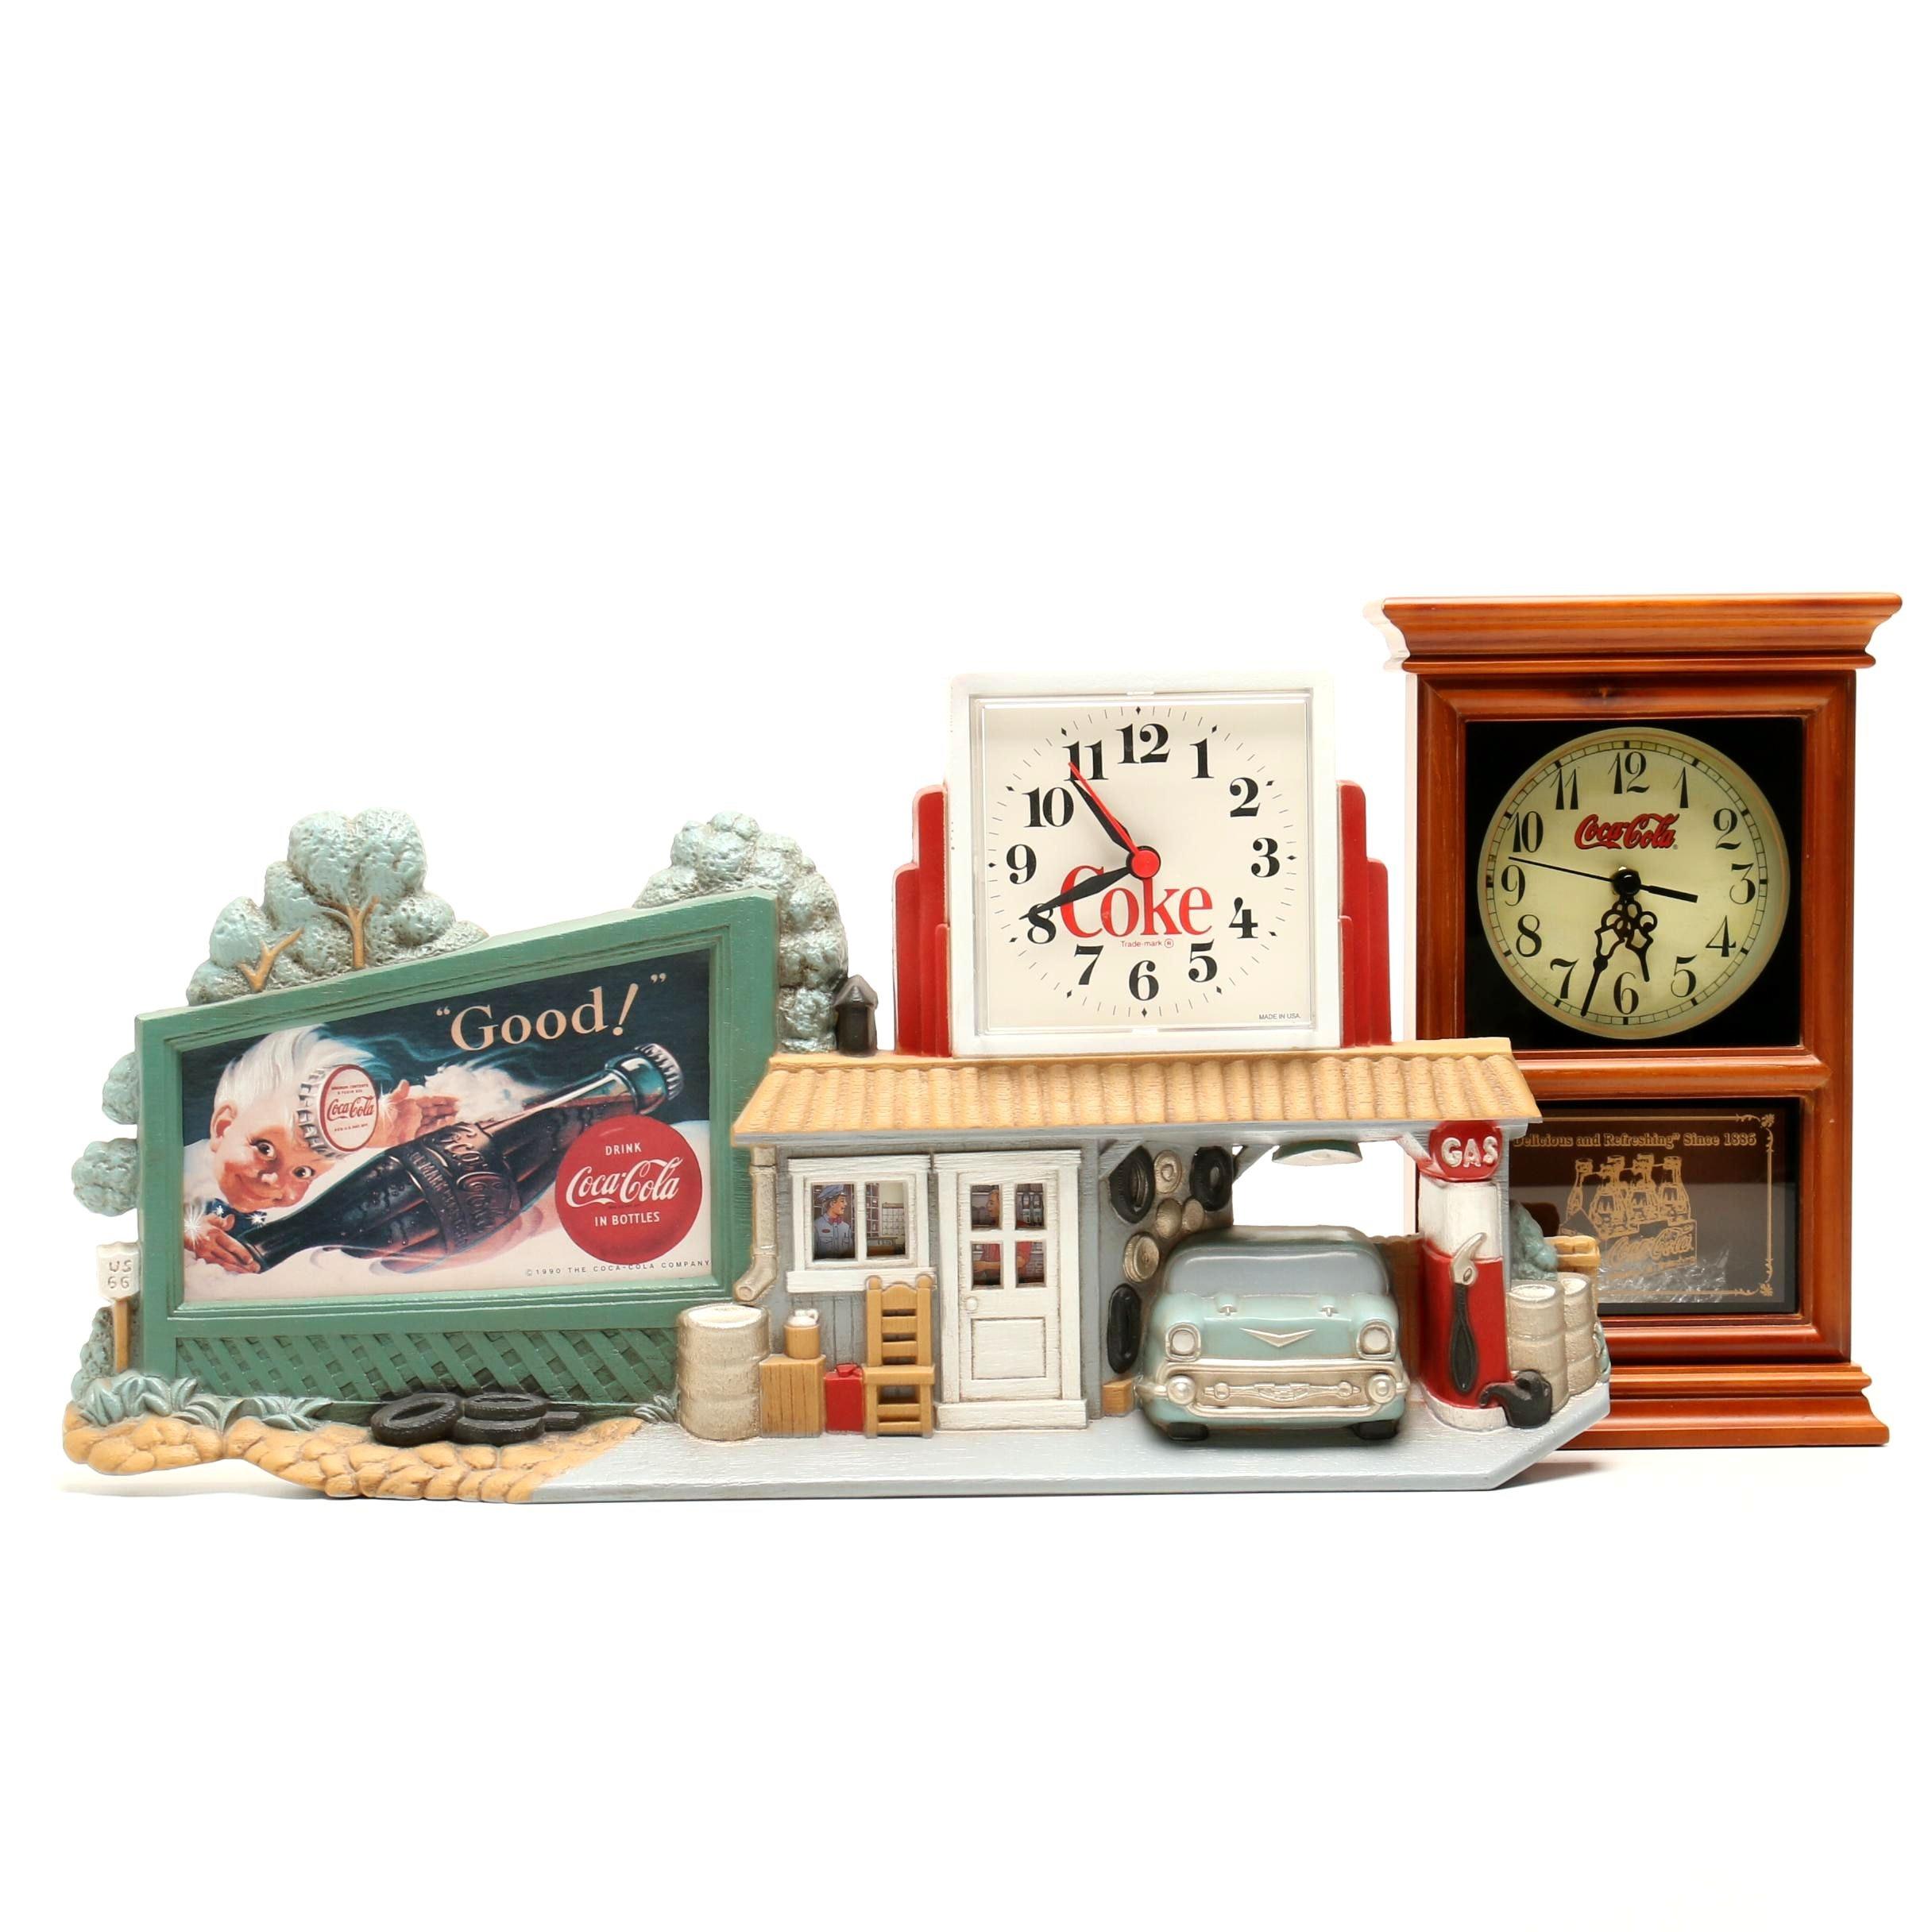 Coca-Cola Collectible Clocks